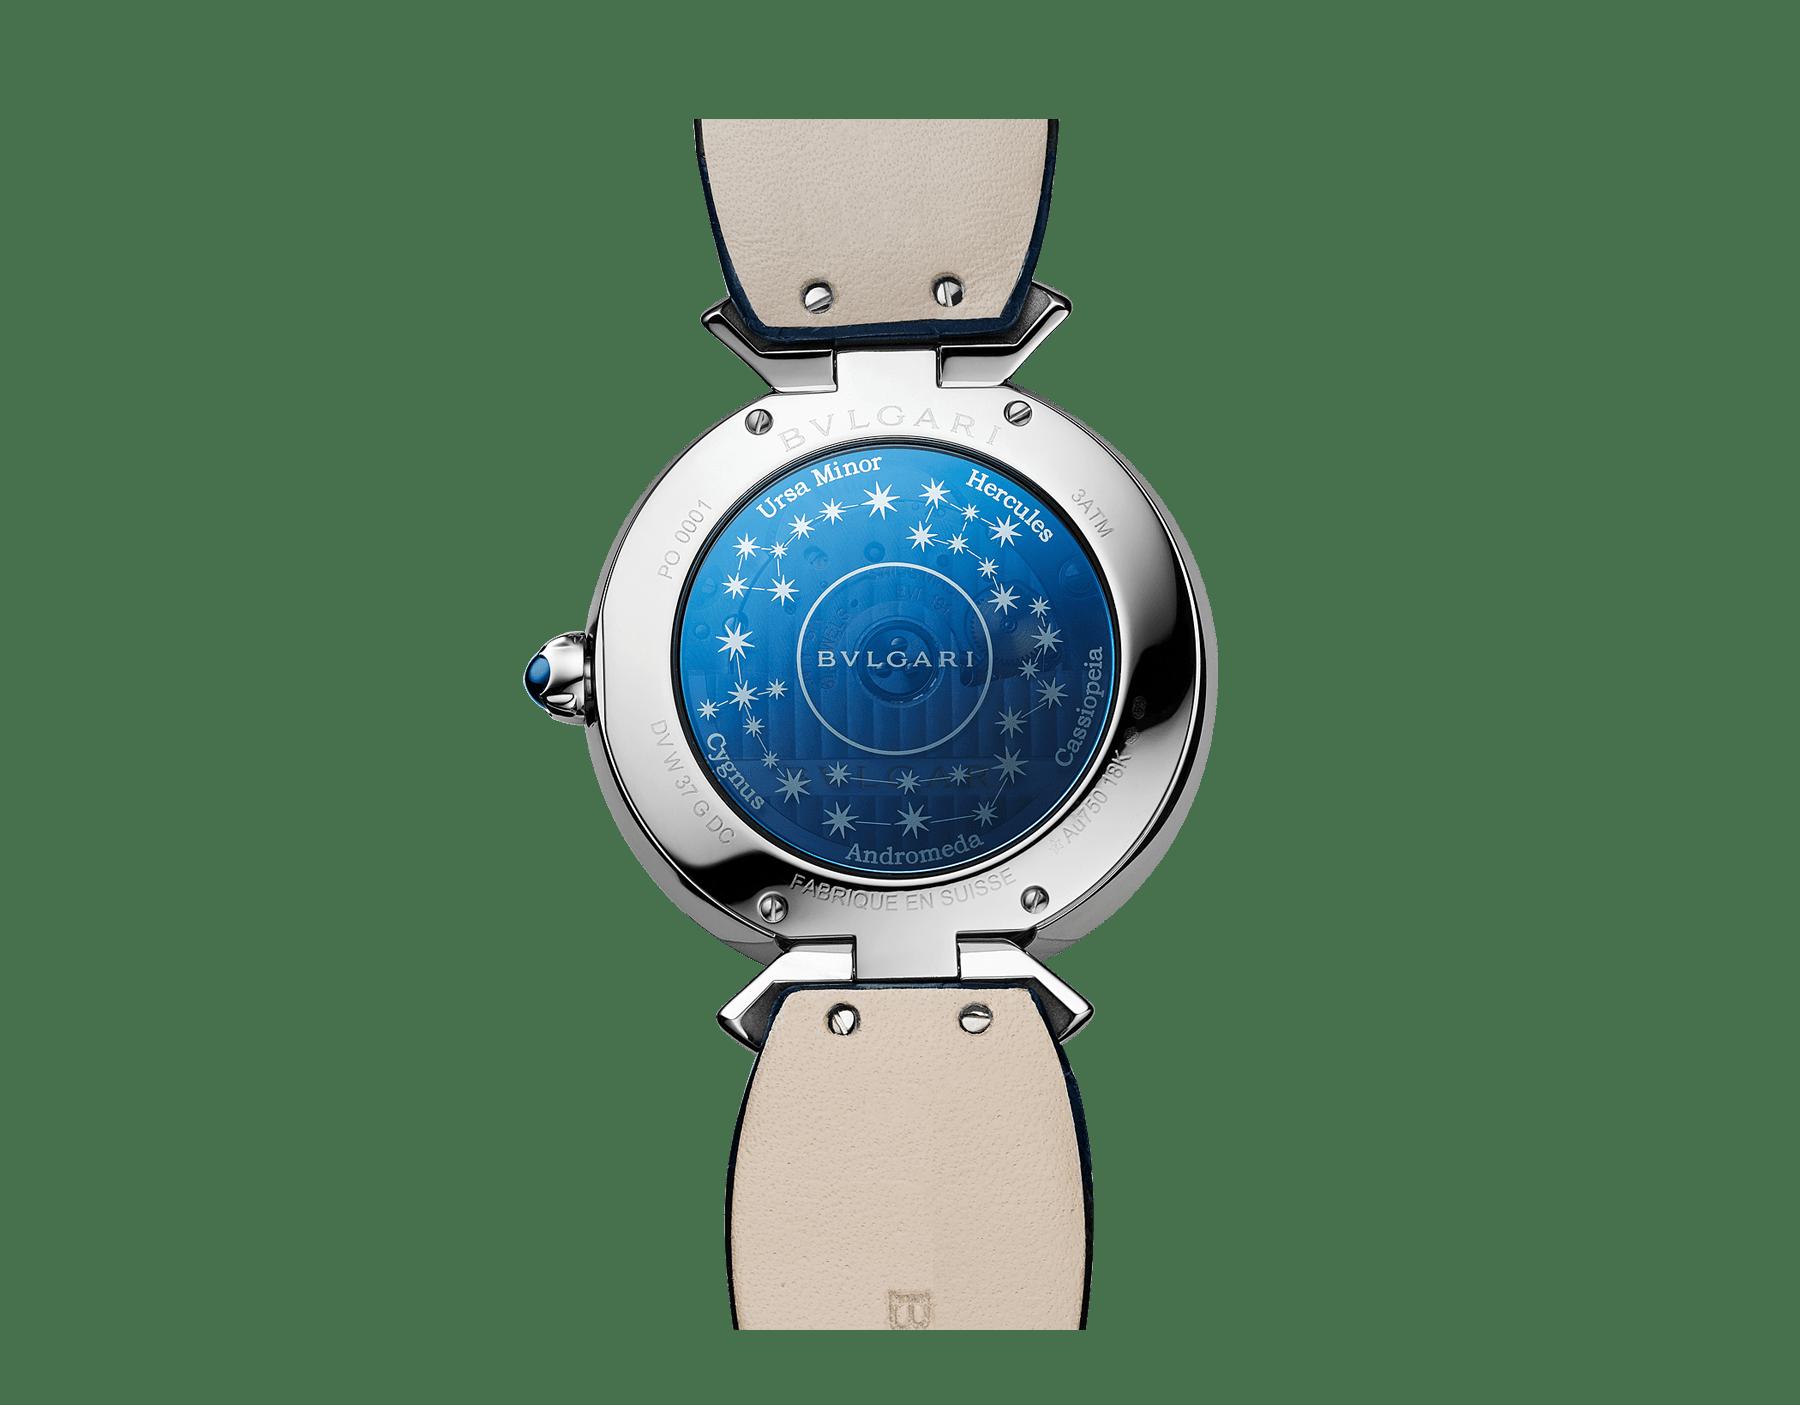 Relógio DIVAS' DREAM com movimento de manufatura mecânico, corda automática, caixa em ouro branco 18K cravejada com diamantes redondos lapidação brilhante e safiras, discos giratórios em aventurina com diamantes e constelações impressas e pulseira em couro de jacaré azul-escuro 102842 image 3